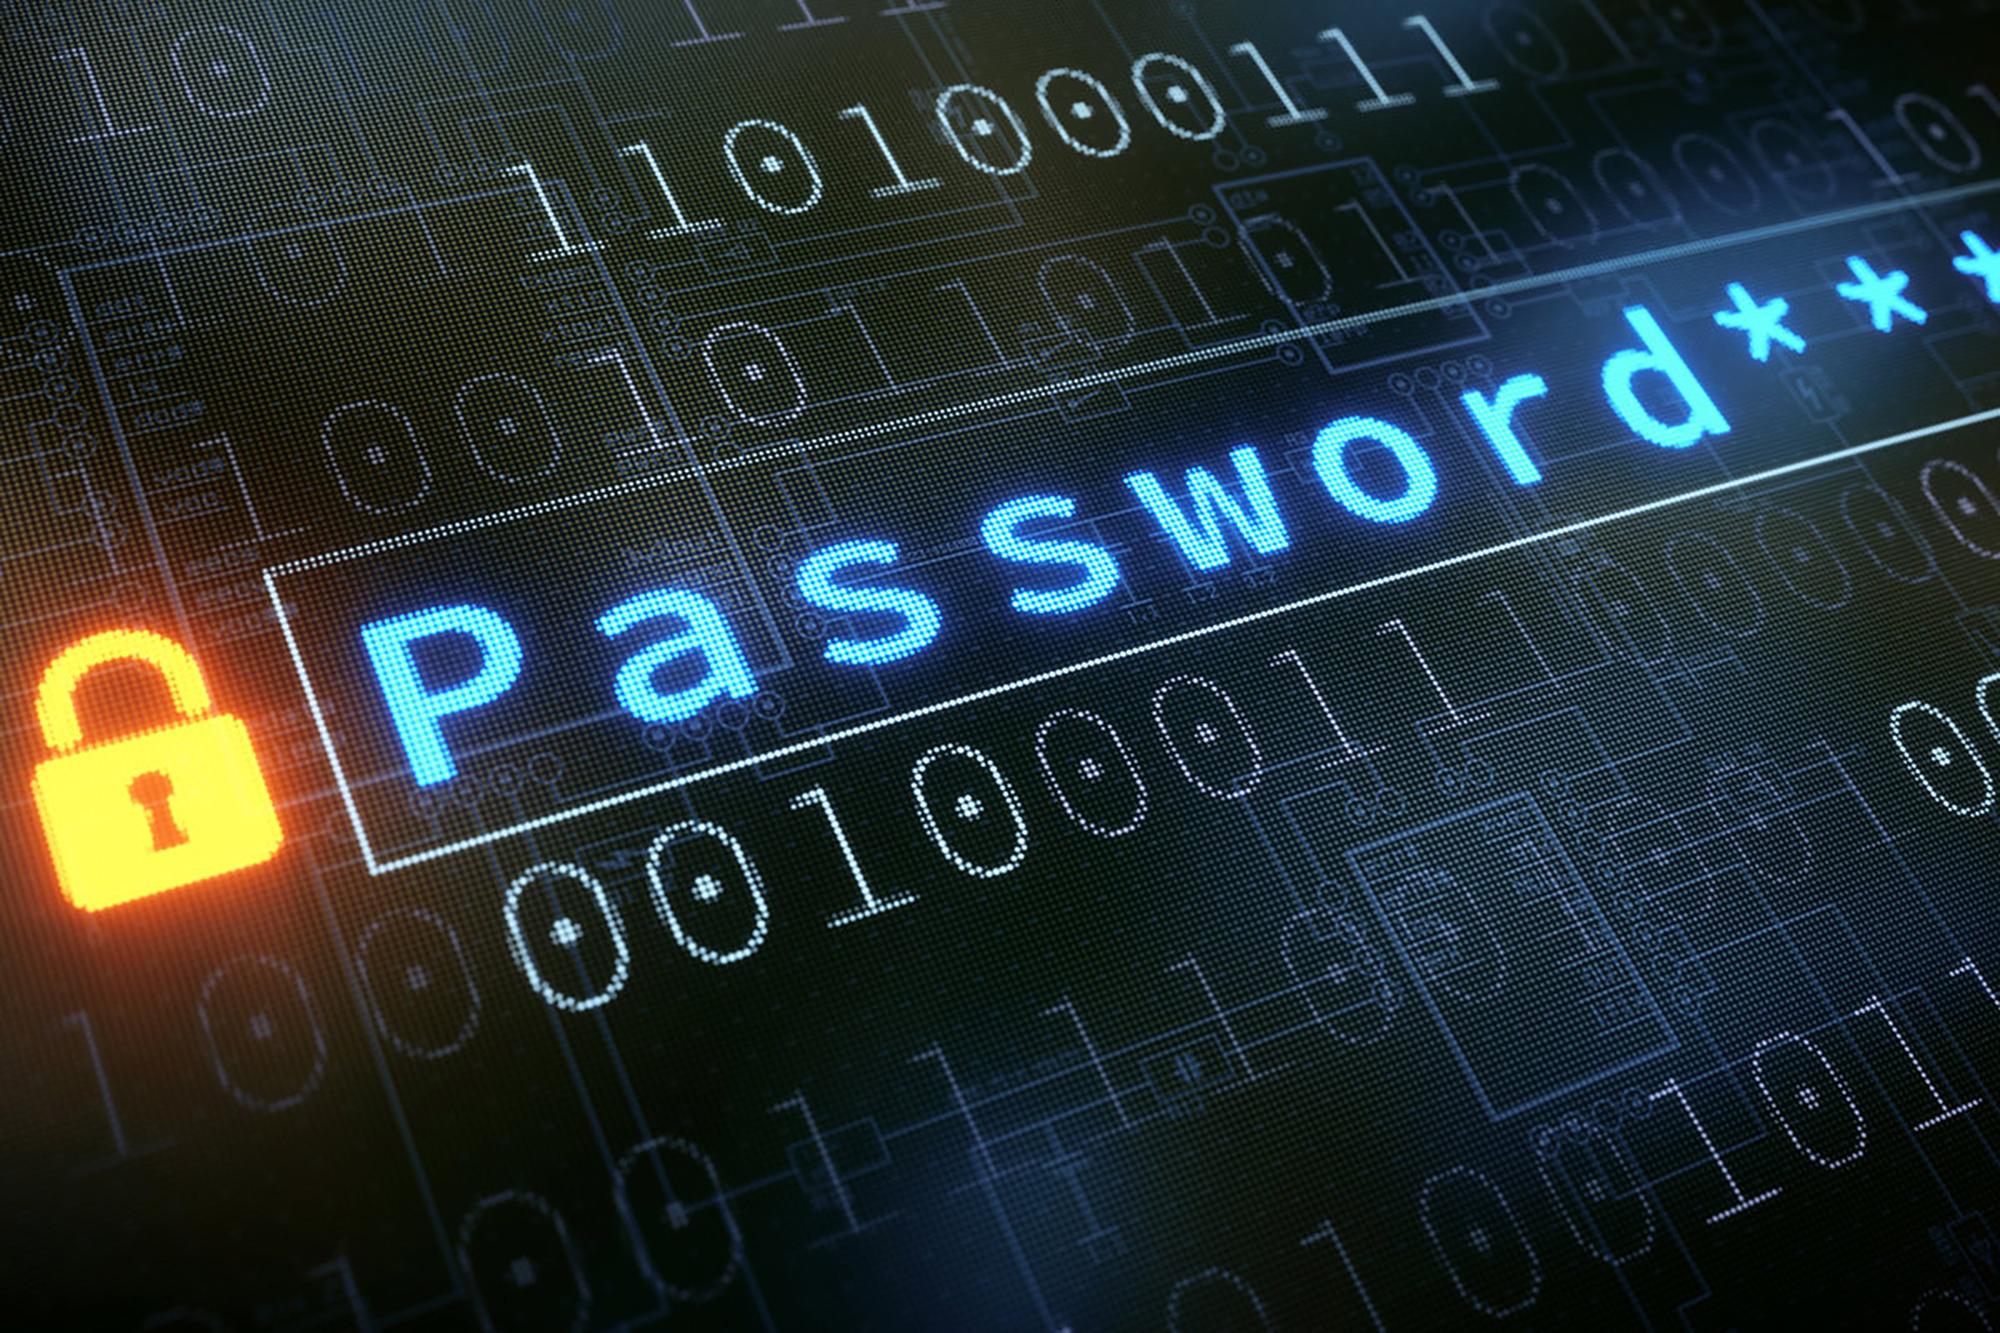 راهکارهای ساده برای فعال سازی رمز پویا ( رمز دوم یک بار مصرف )